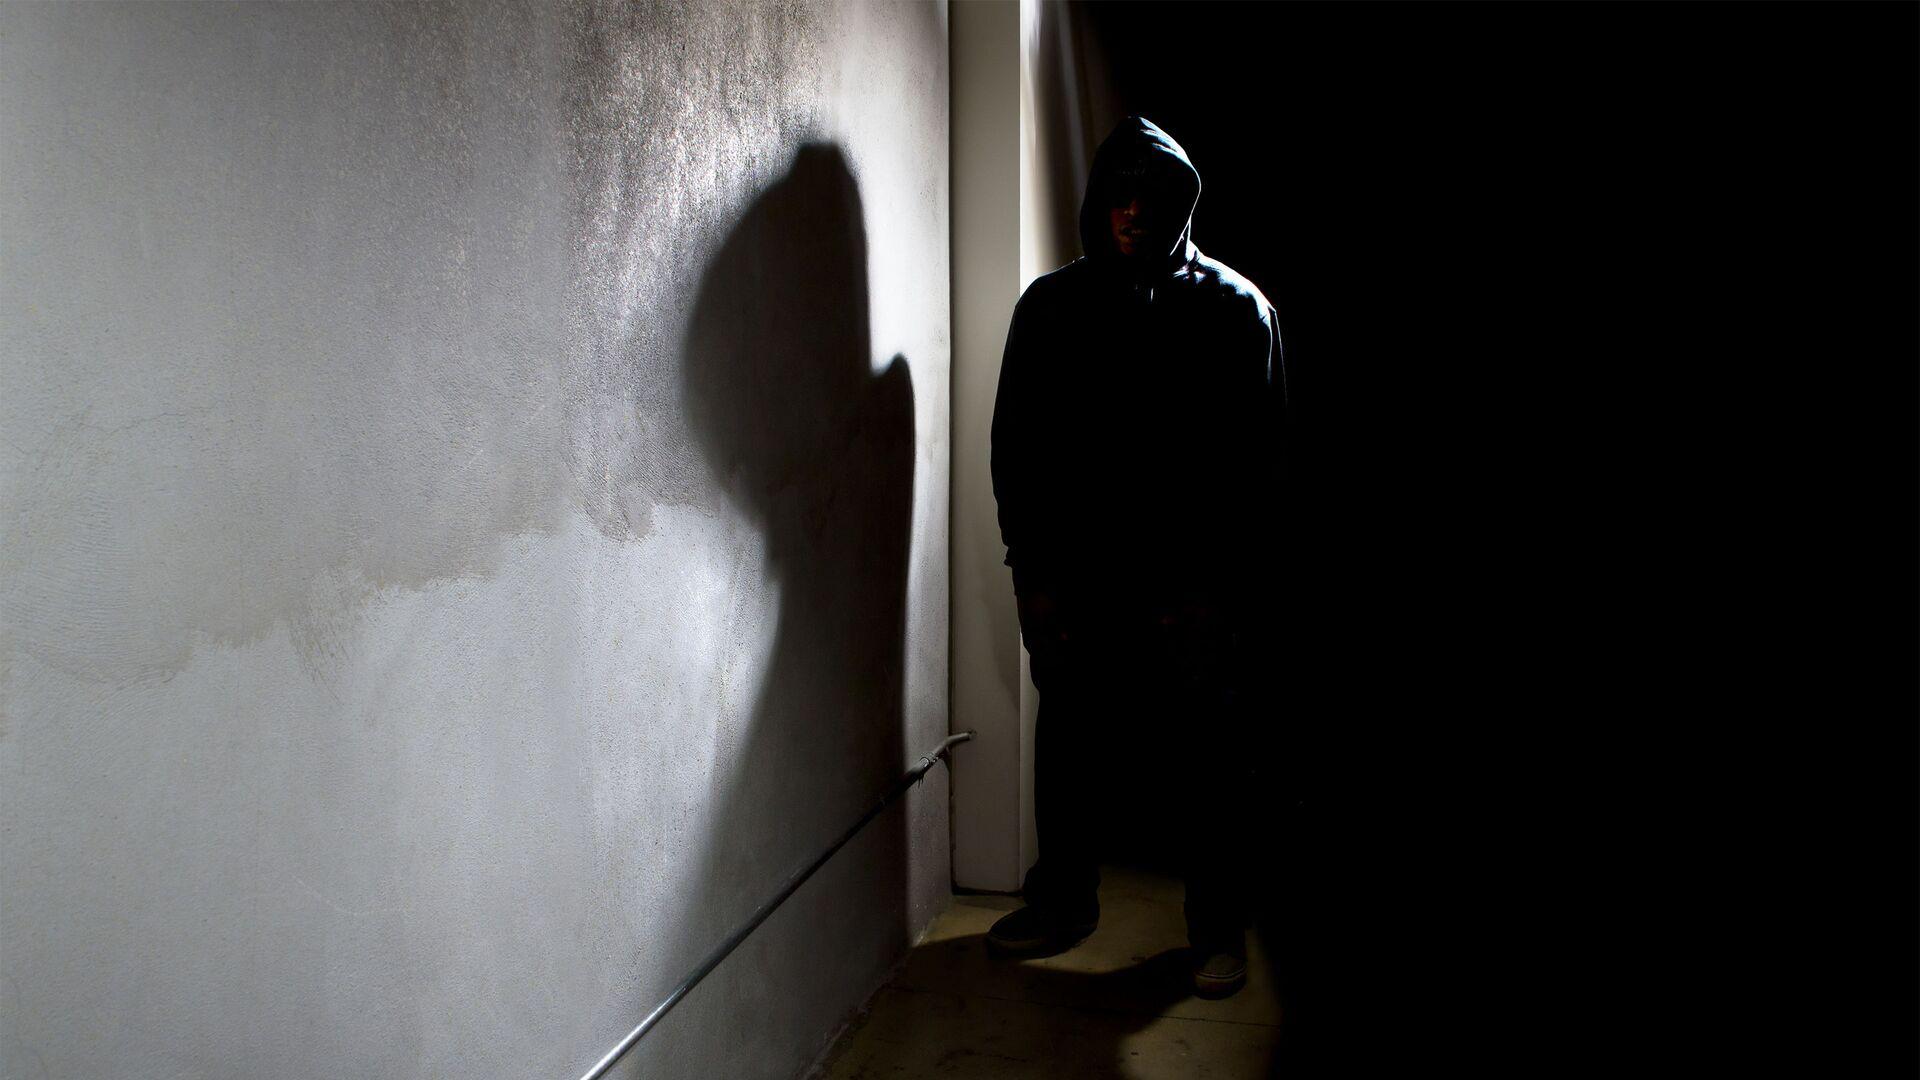 Мужчина в капюшоне прячется в тени улицы - Sputnik Азербайджан, 1920, 01.09.2021